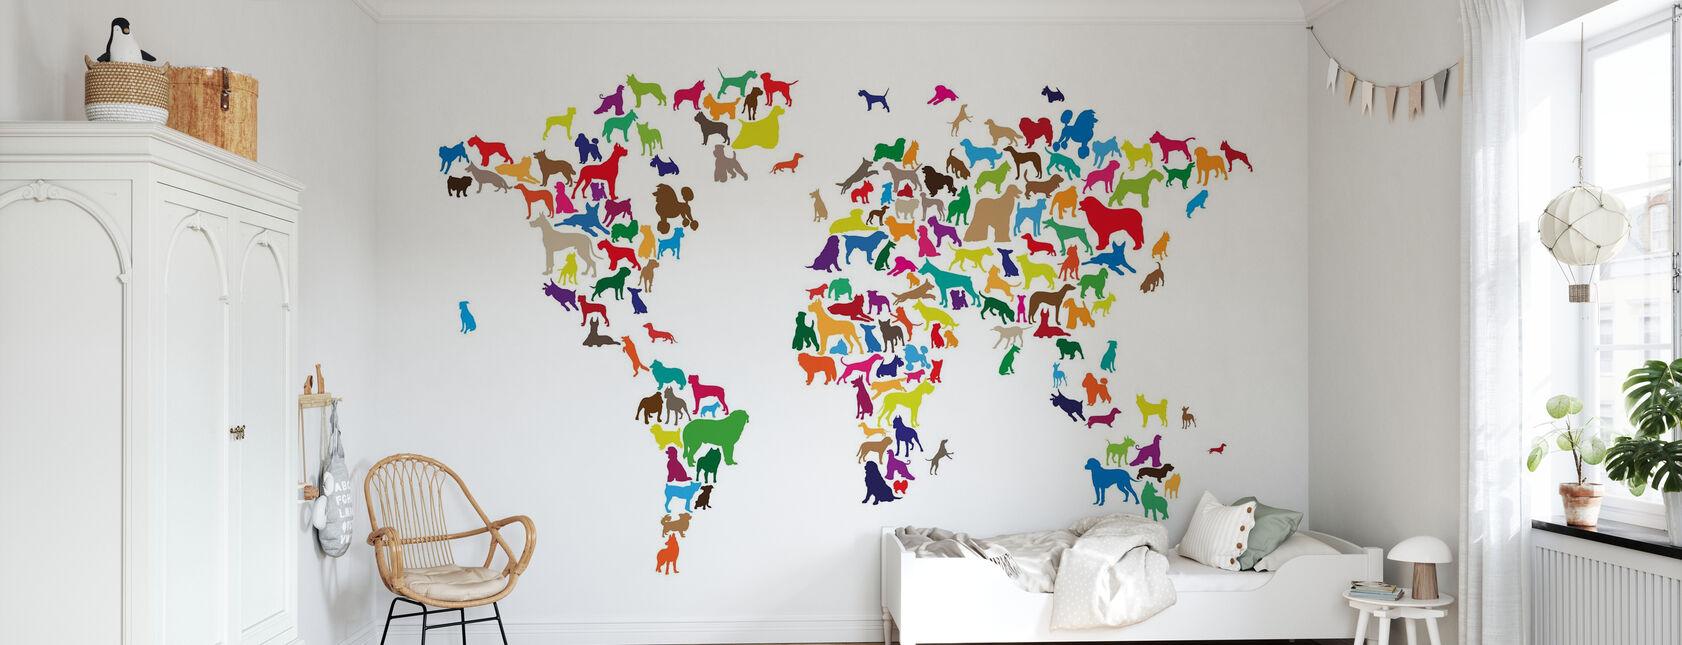 Koirat maailmankartta Monivärinen - Tapetti - Lastenhuone